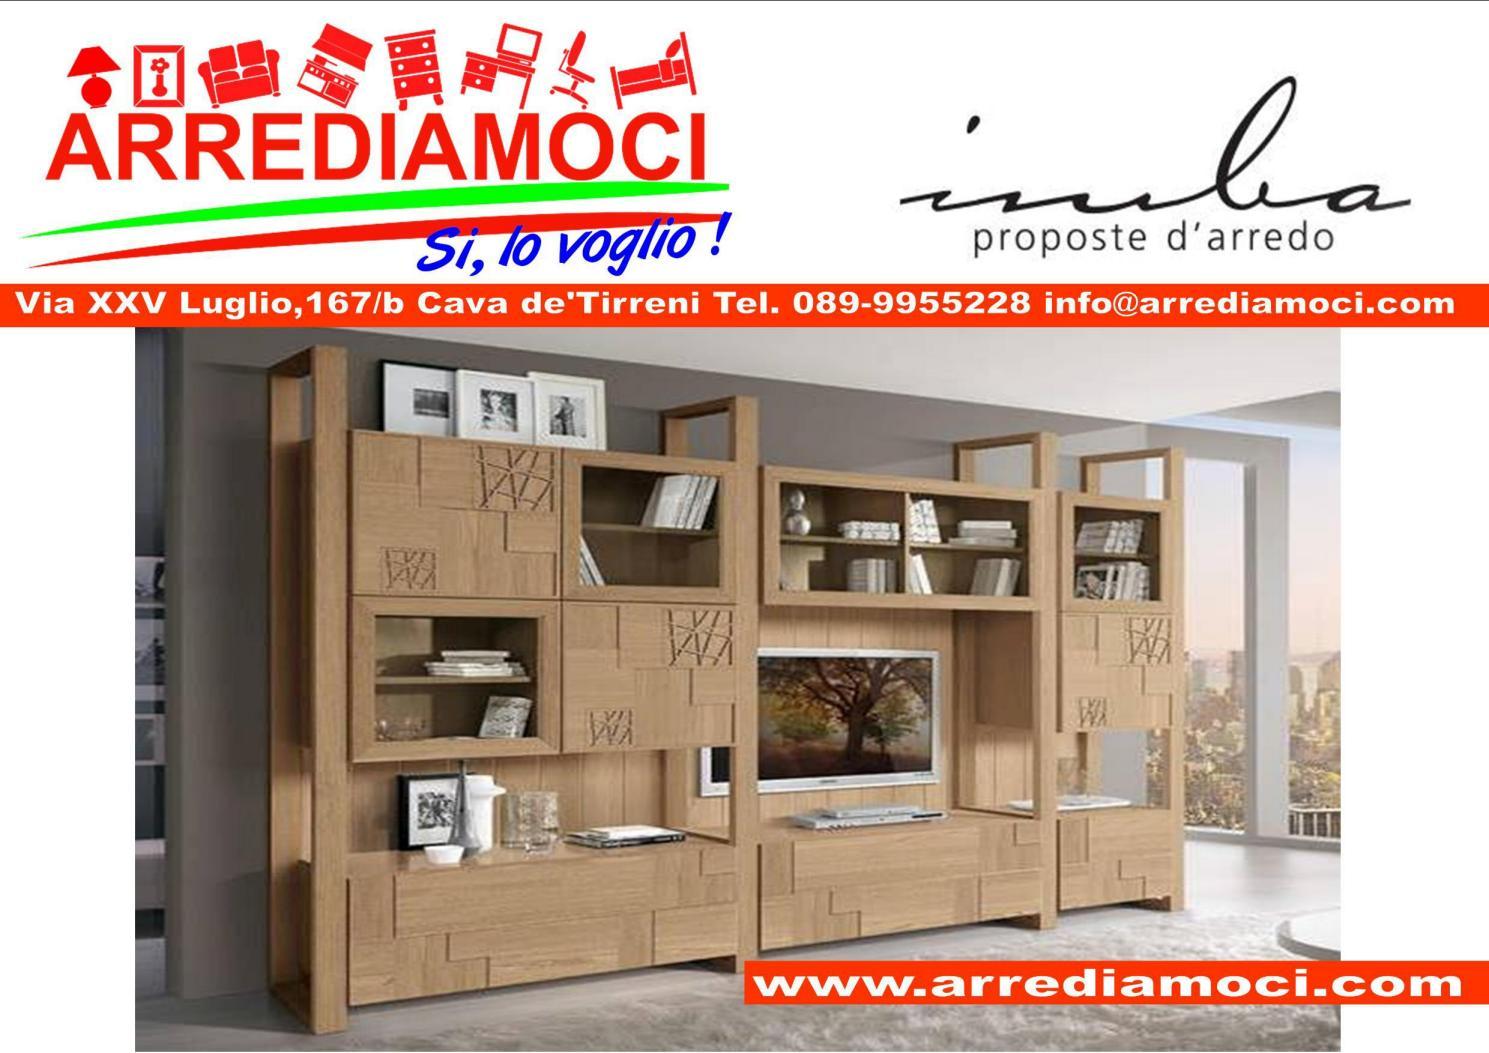 Imba vogue parete 2 spot by Arrediamoci - issuu